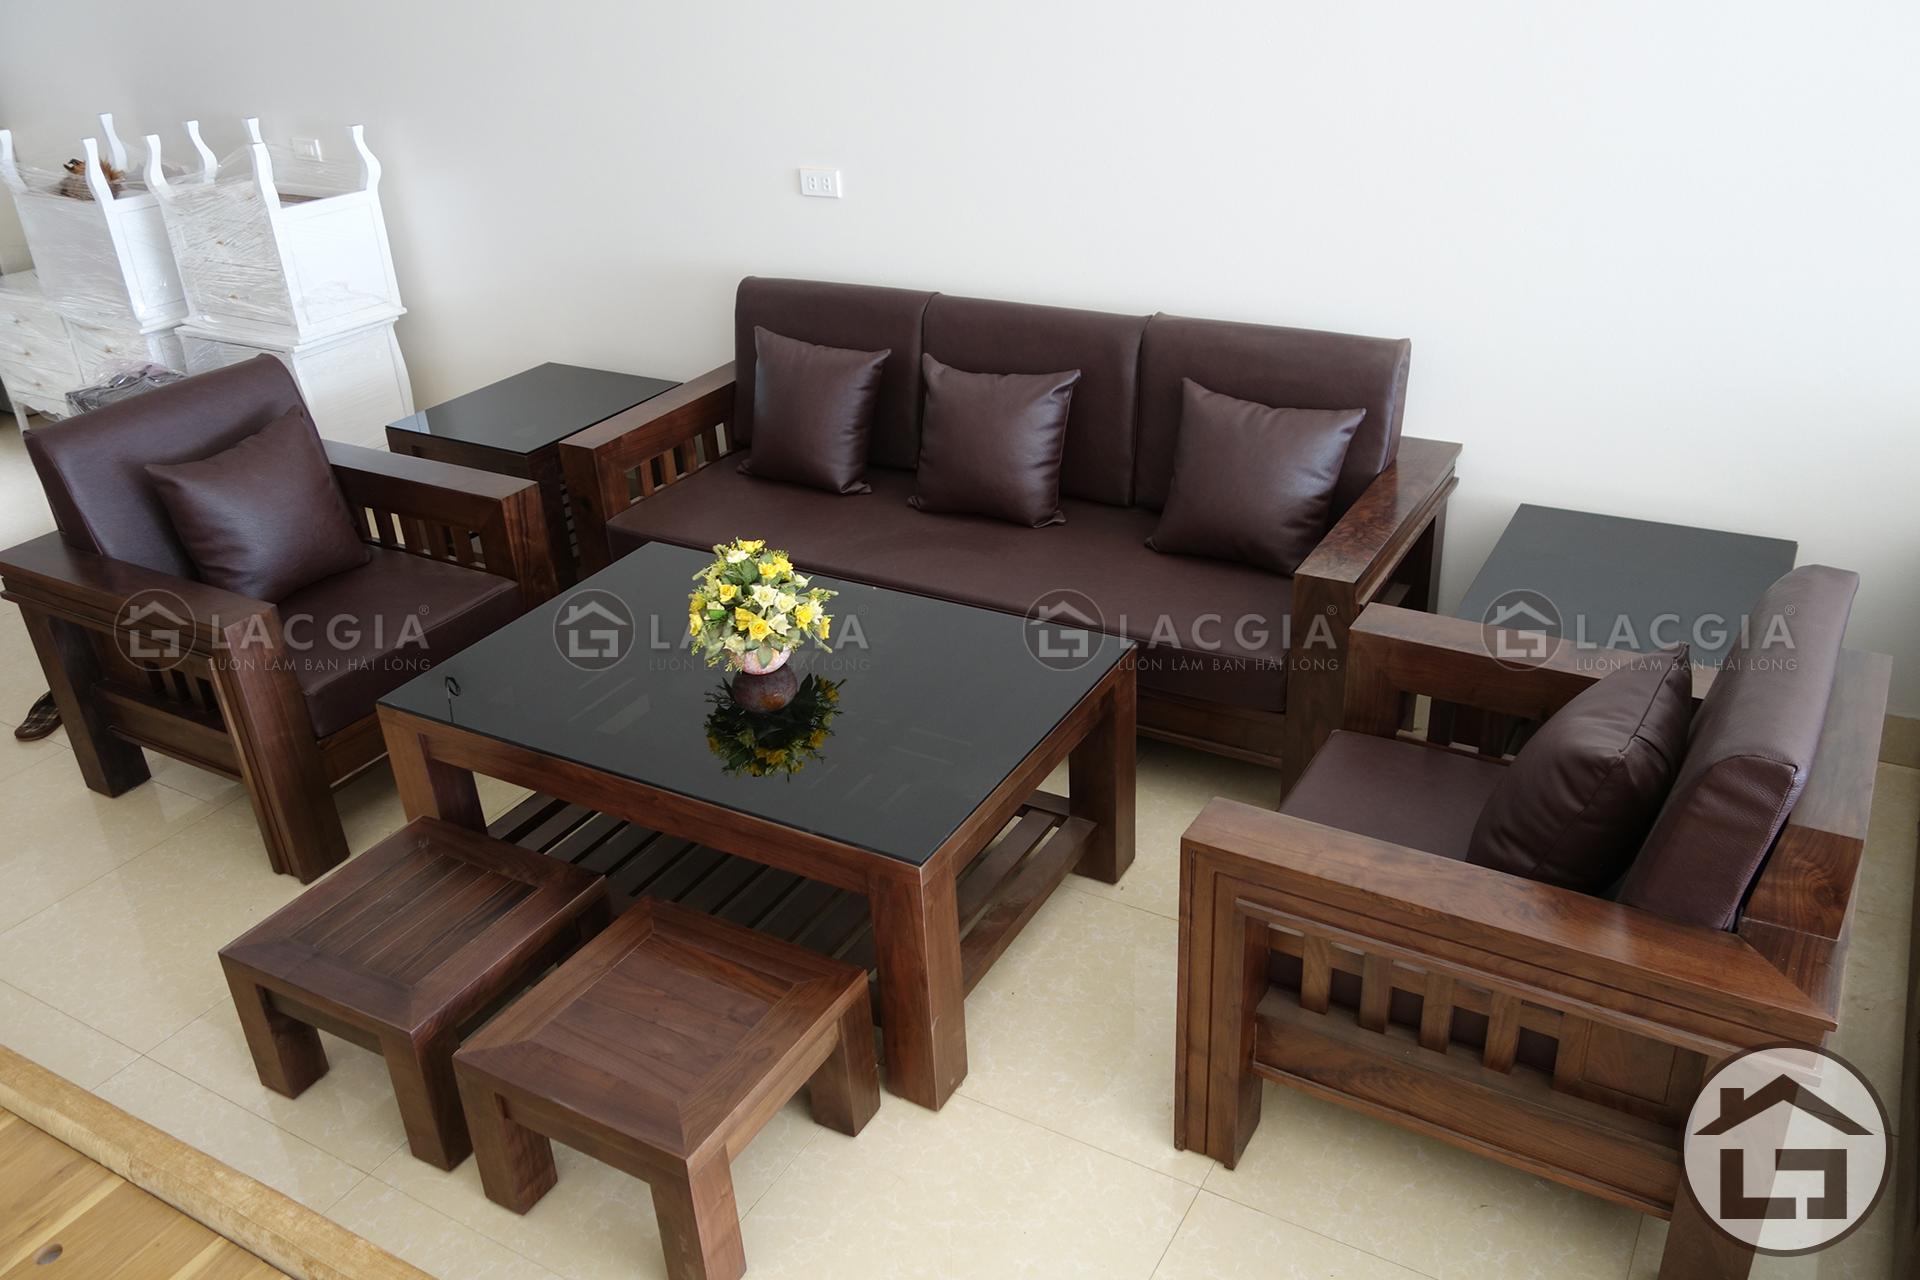 ban ghe go hien dai lg bg02 3 - Bàn ghế gỗ dạng hộp BG02